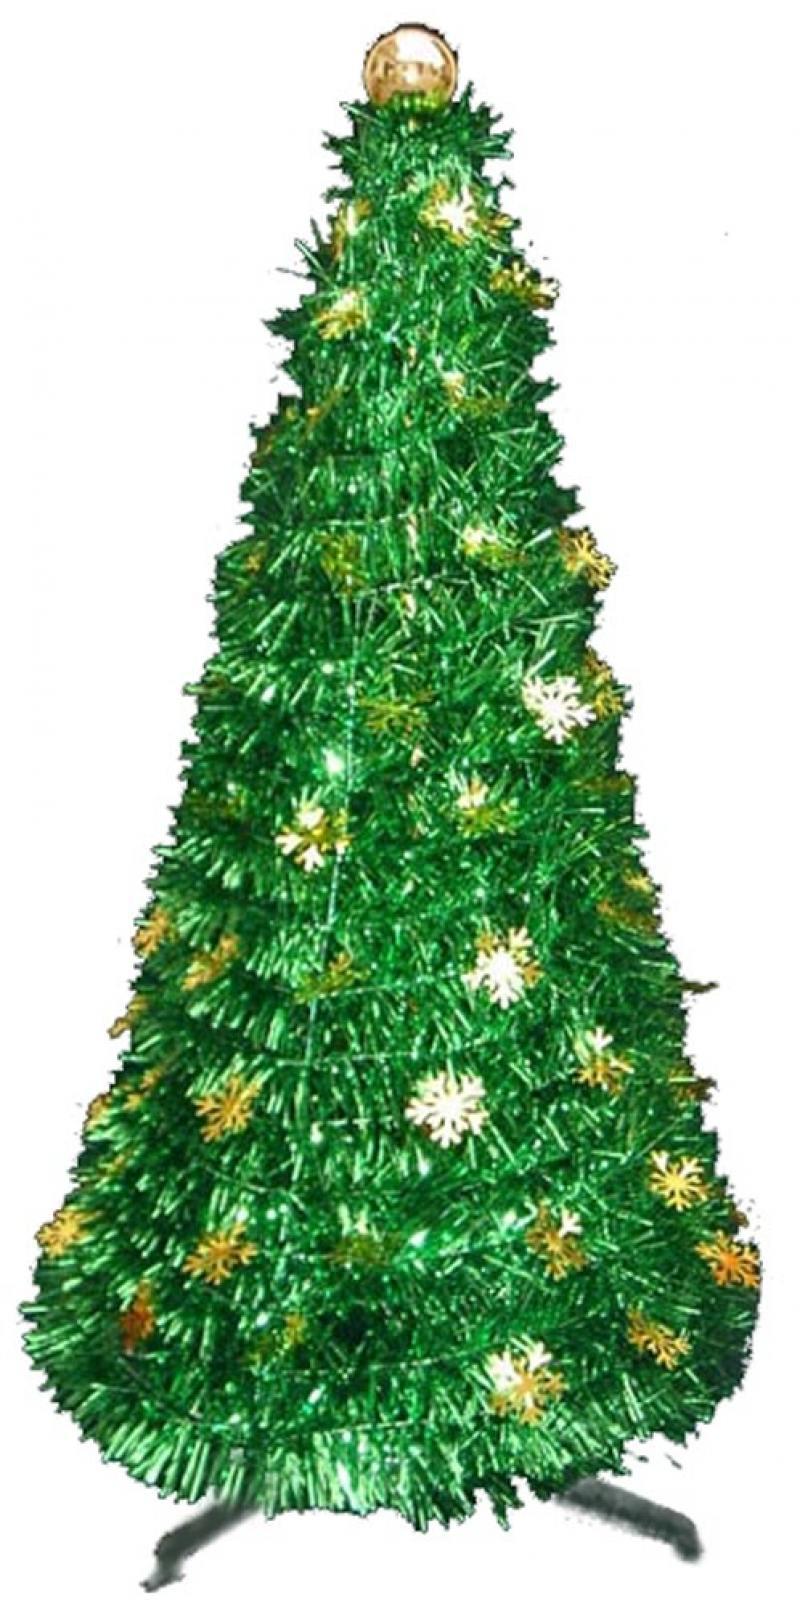 Елка декоративная, металлик, 90 см, цв.в асс. елка декоративная трехцветная украшенная 50 см 3 цв в асс пвх в пакете